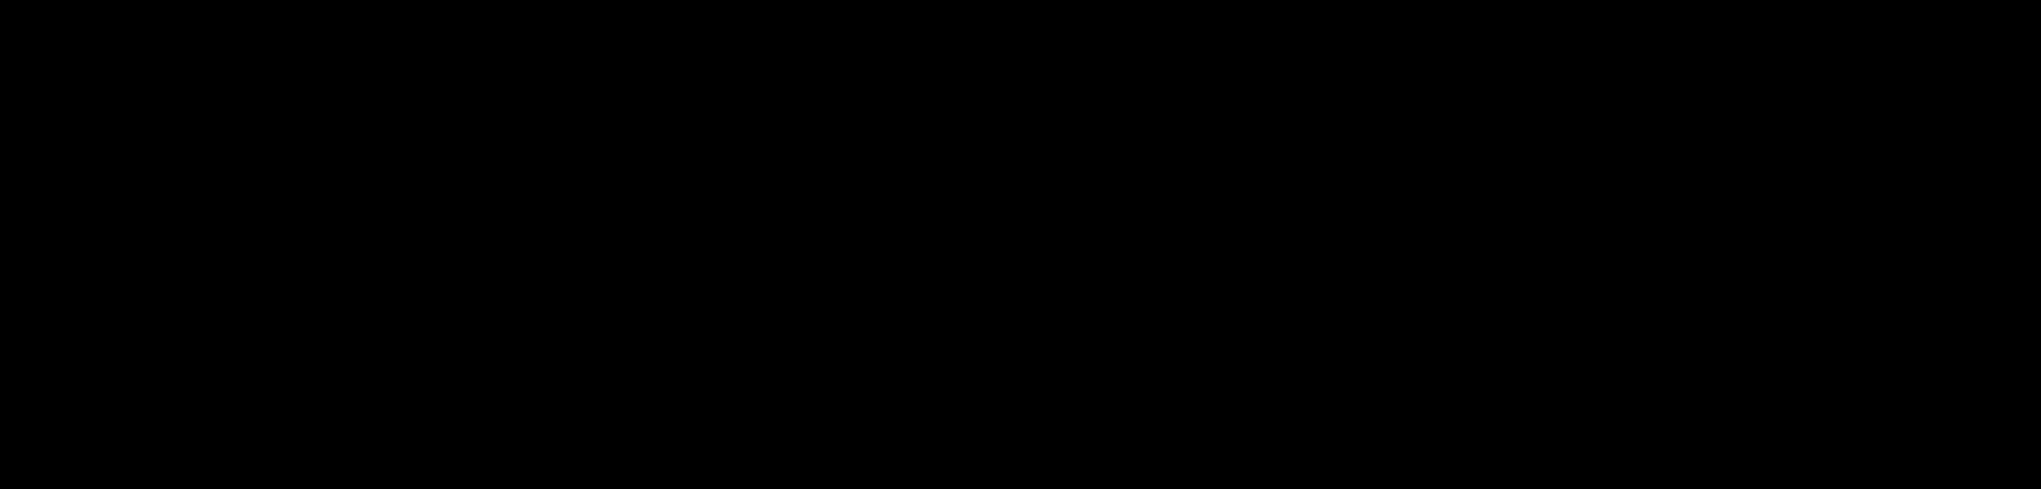 Mallory Rowan logo